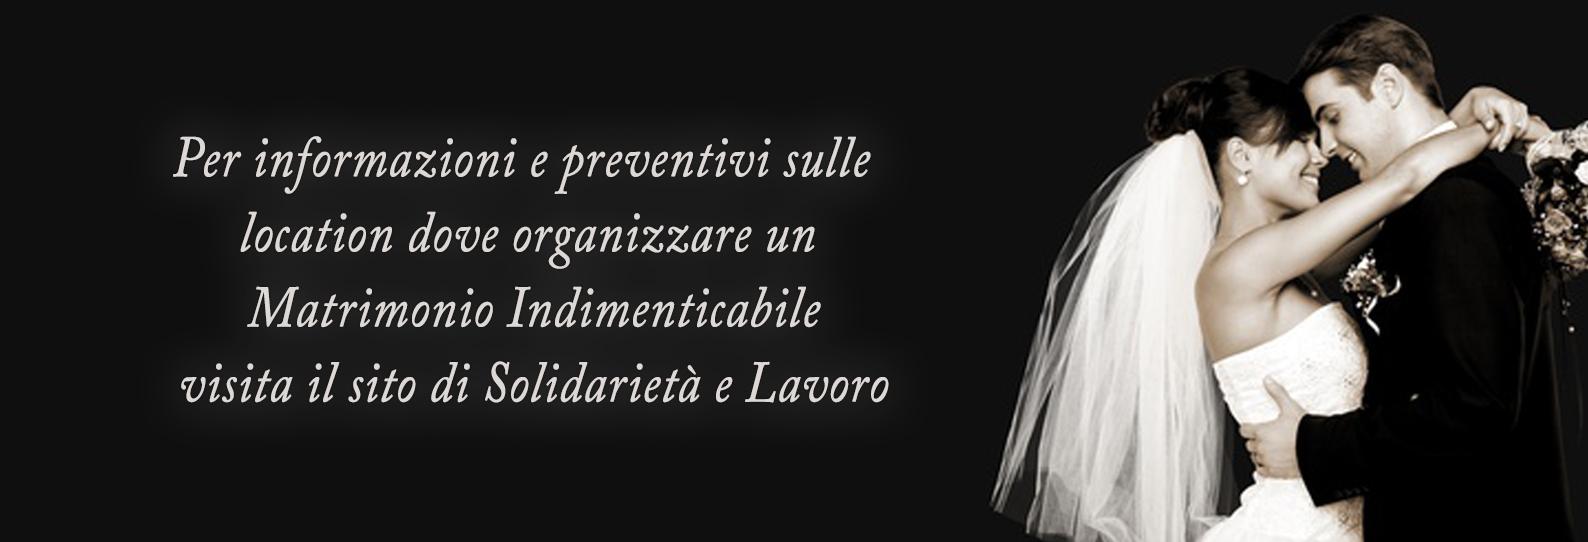 SolidarietàeLavoro_sito pll_banner_matrimonio